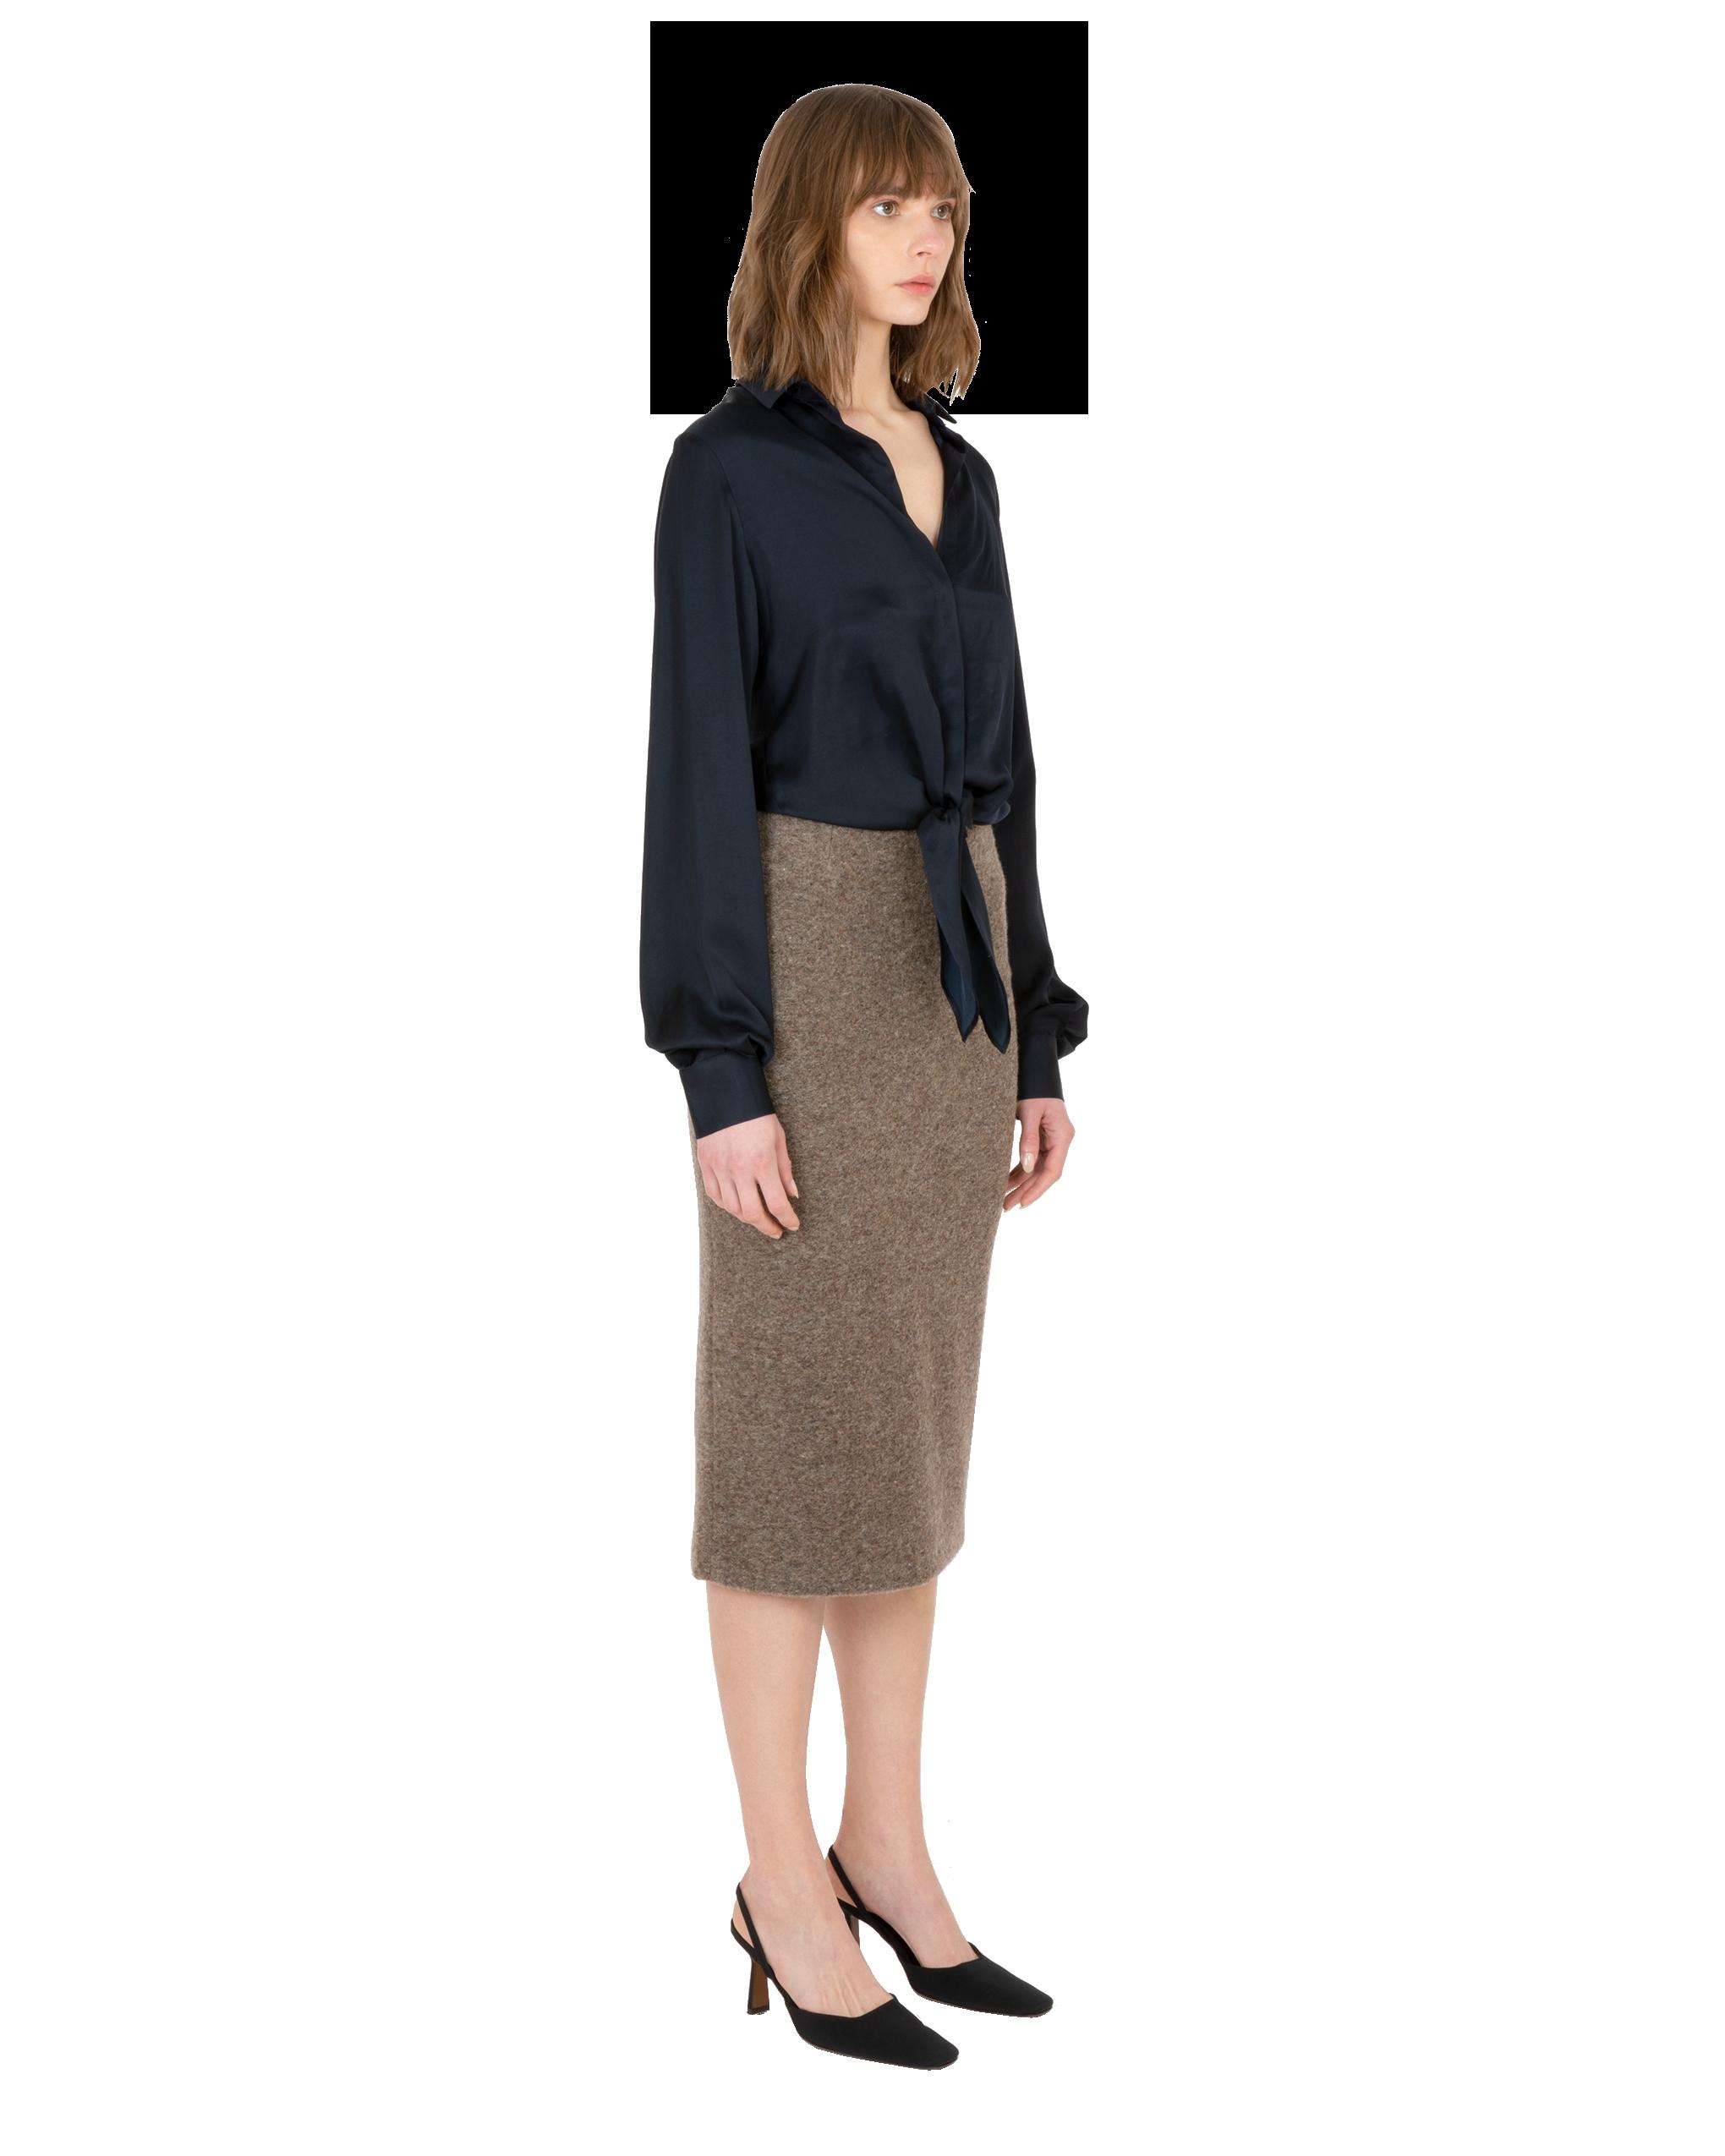 Model wearing EMIN + PAUL navy tie-front blouse.